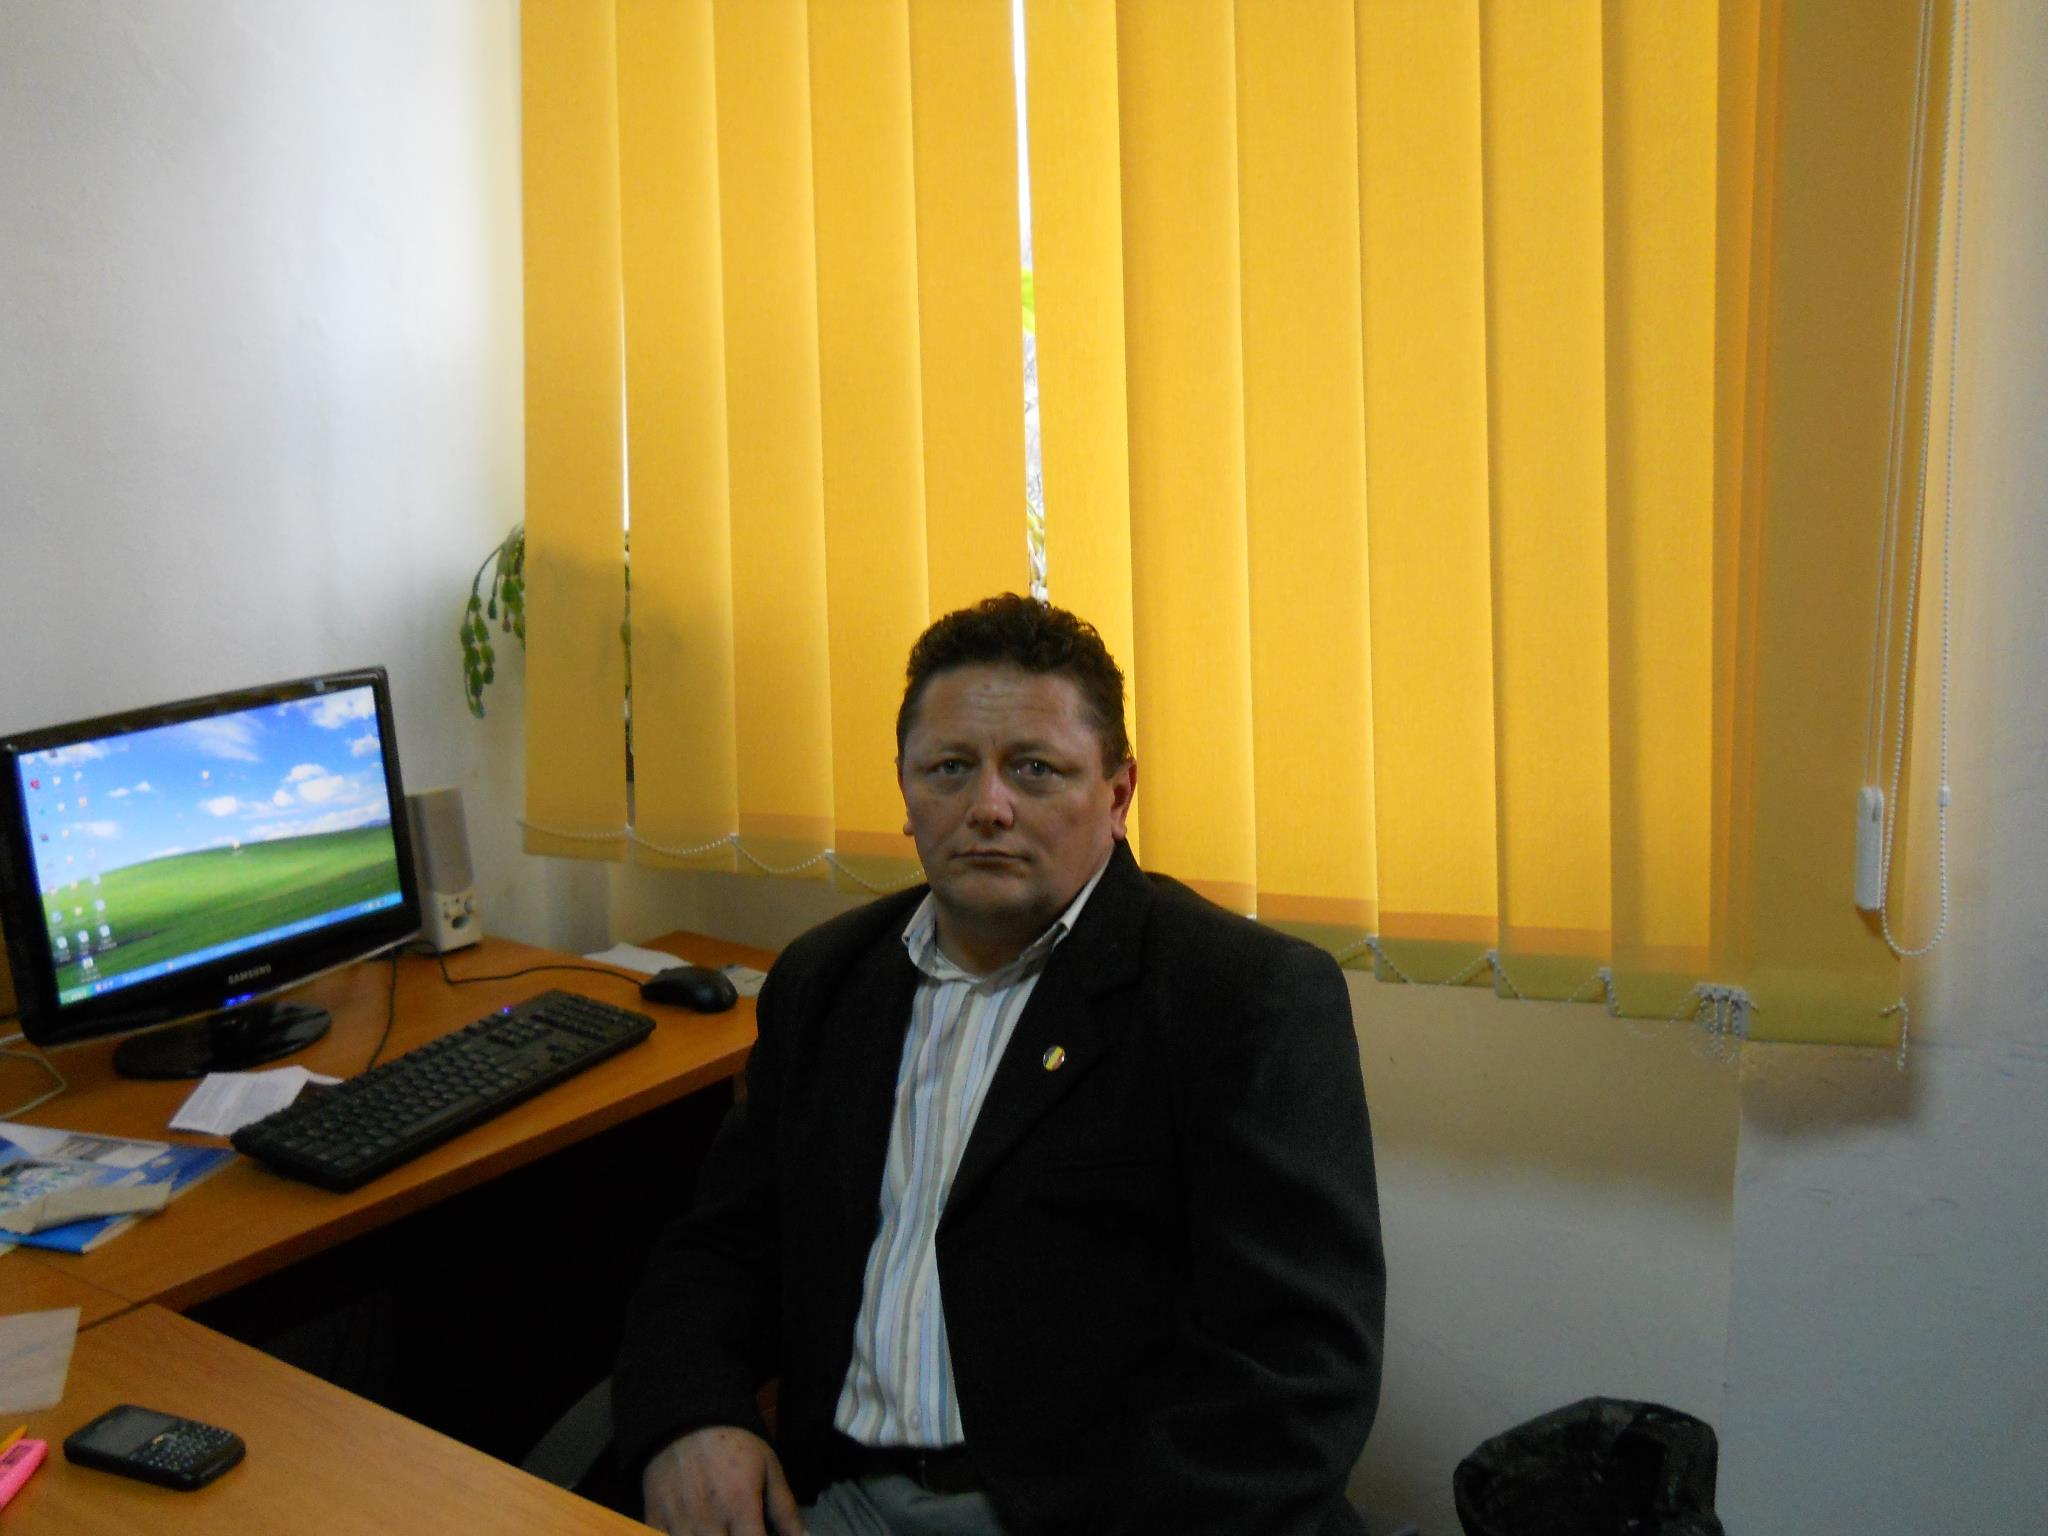 Domnul Bela Vaida, directorul Agenției Naționale pentru Zootehnie (ANZ), răspunde unor intrebări părtinitoare; ameliorare; stiri agricole